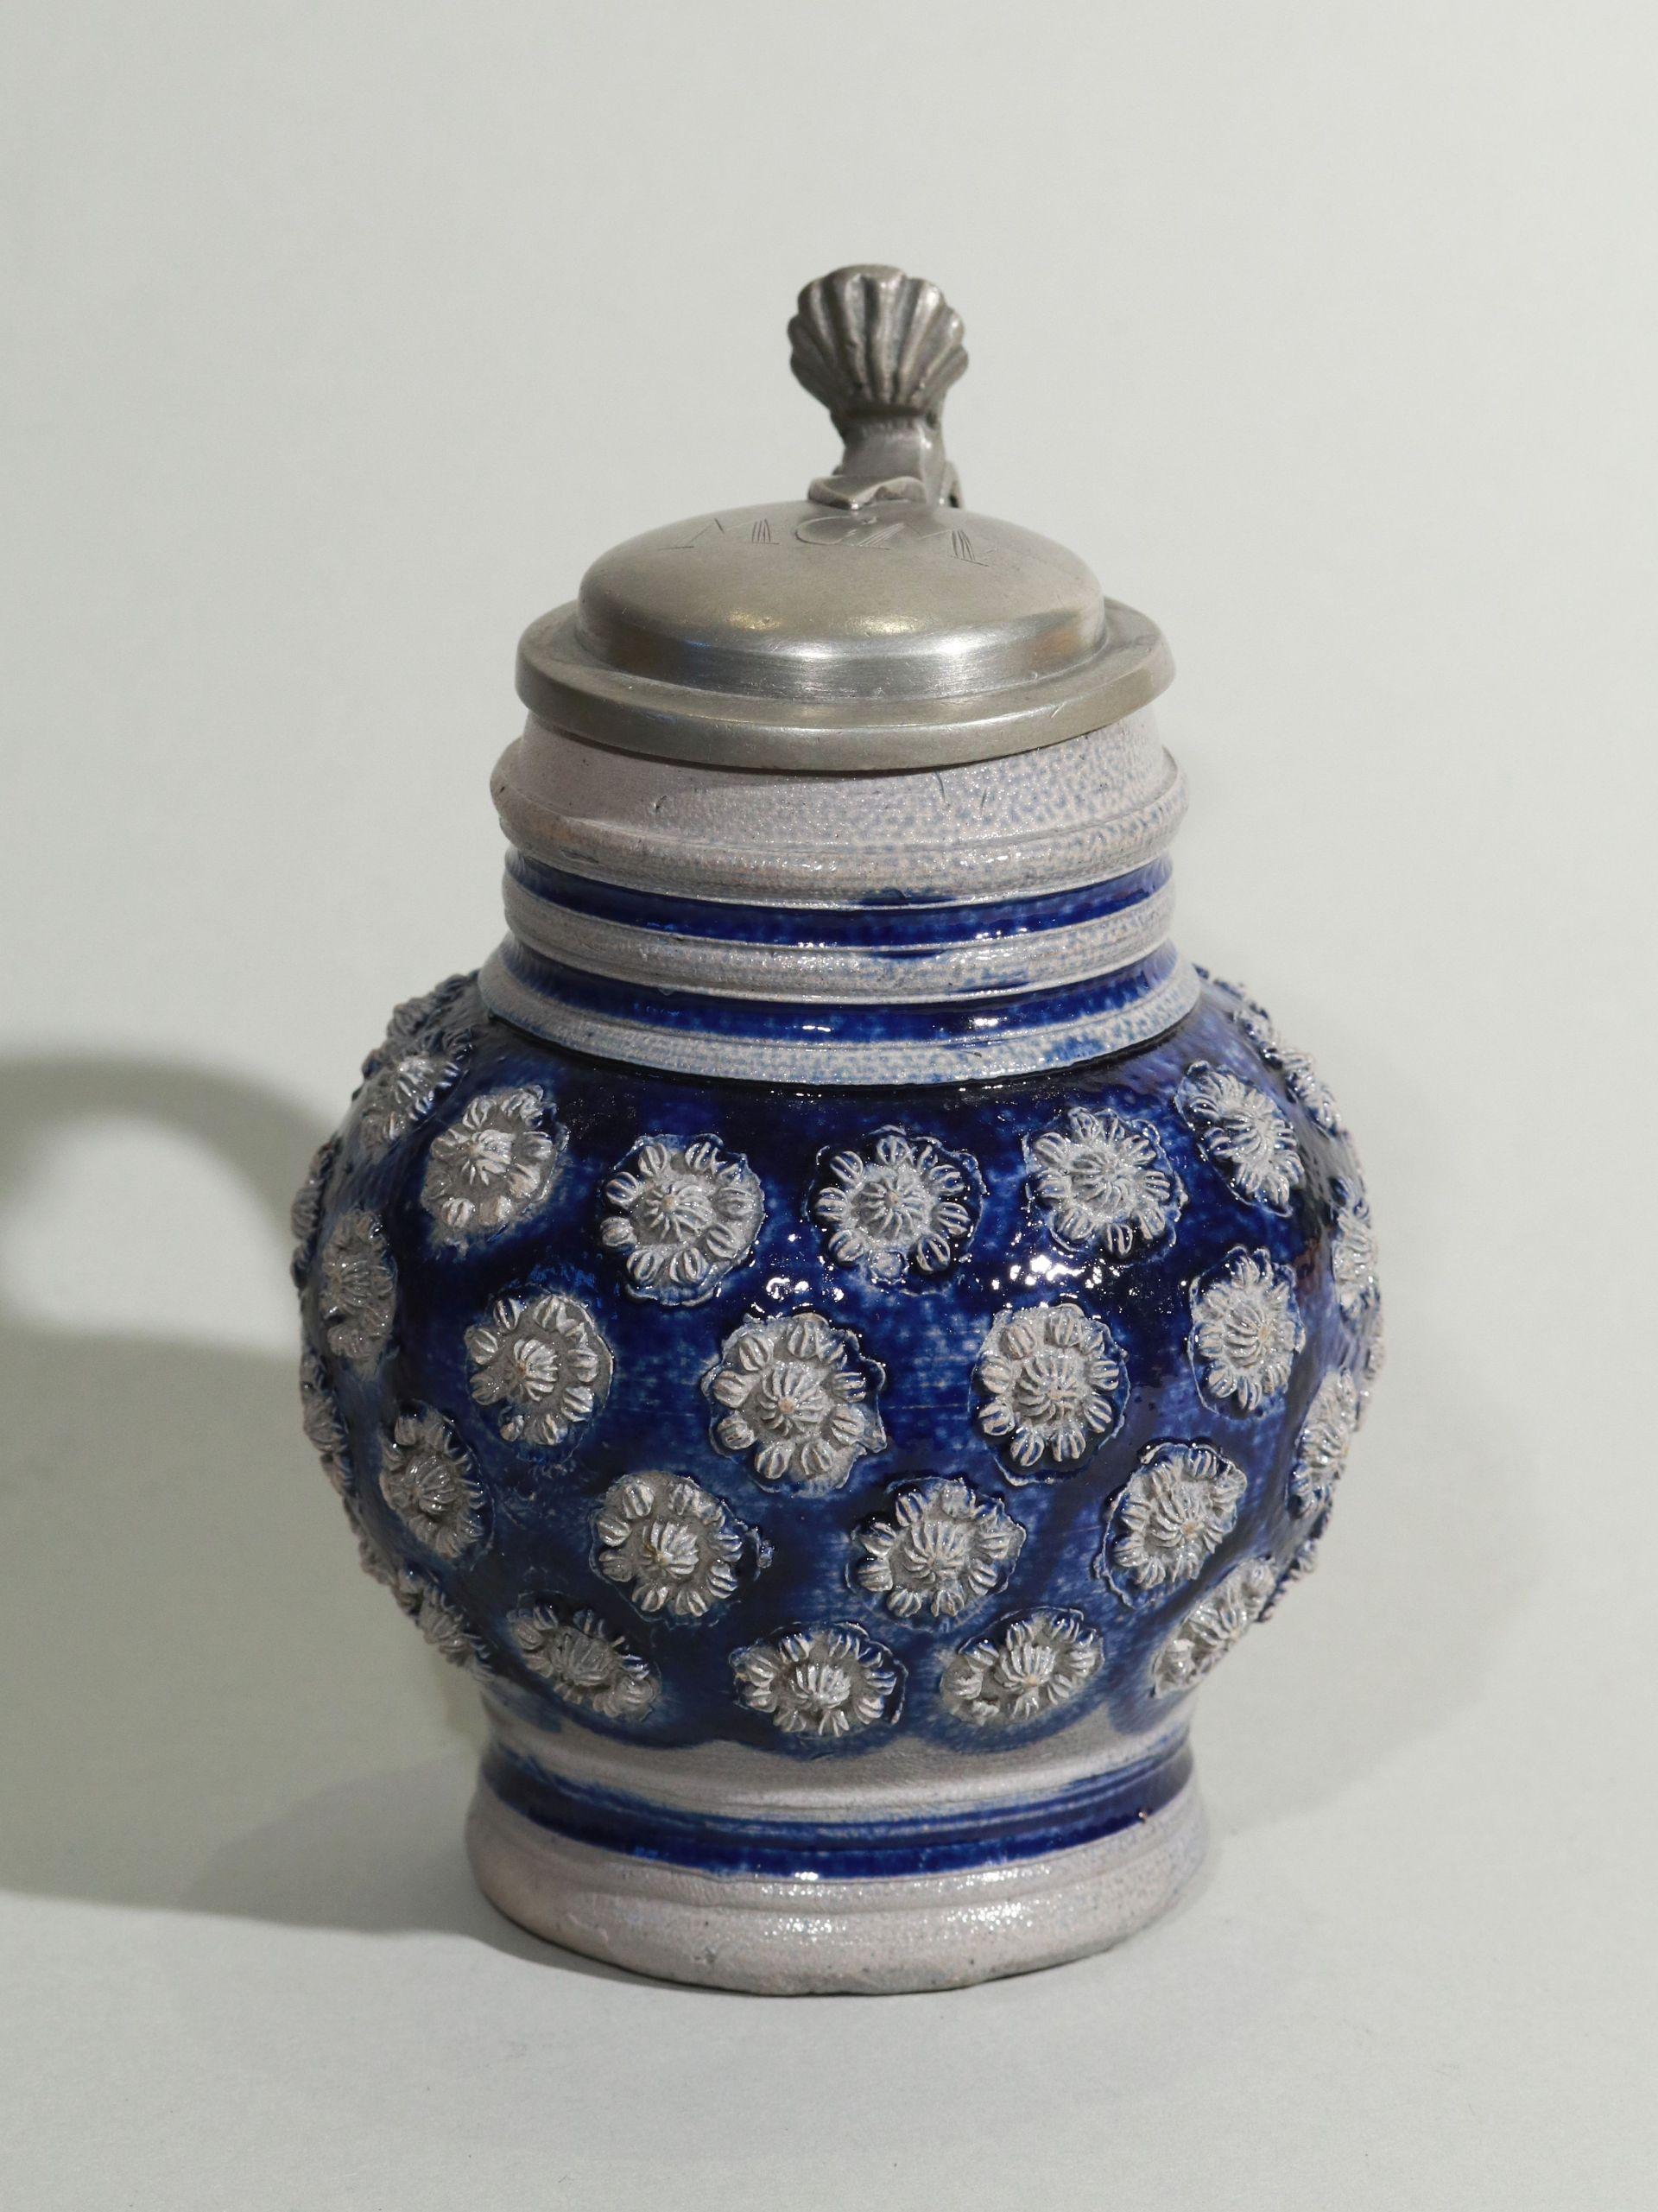 westerwald-kugelbauchkrug-um-1680 - blue salt glazed stoneware - jug